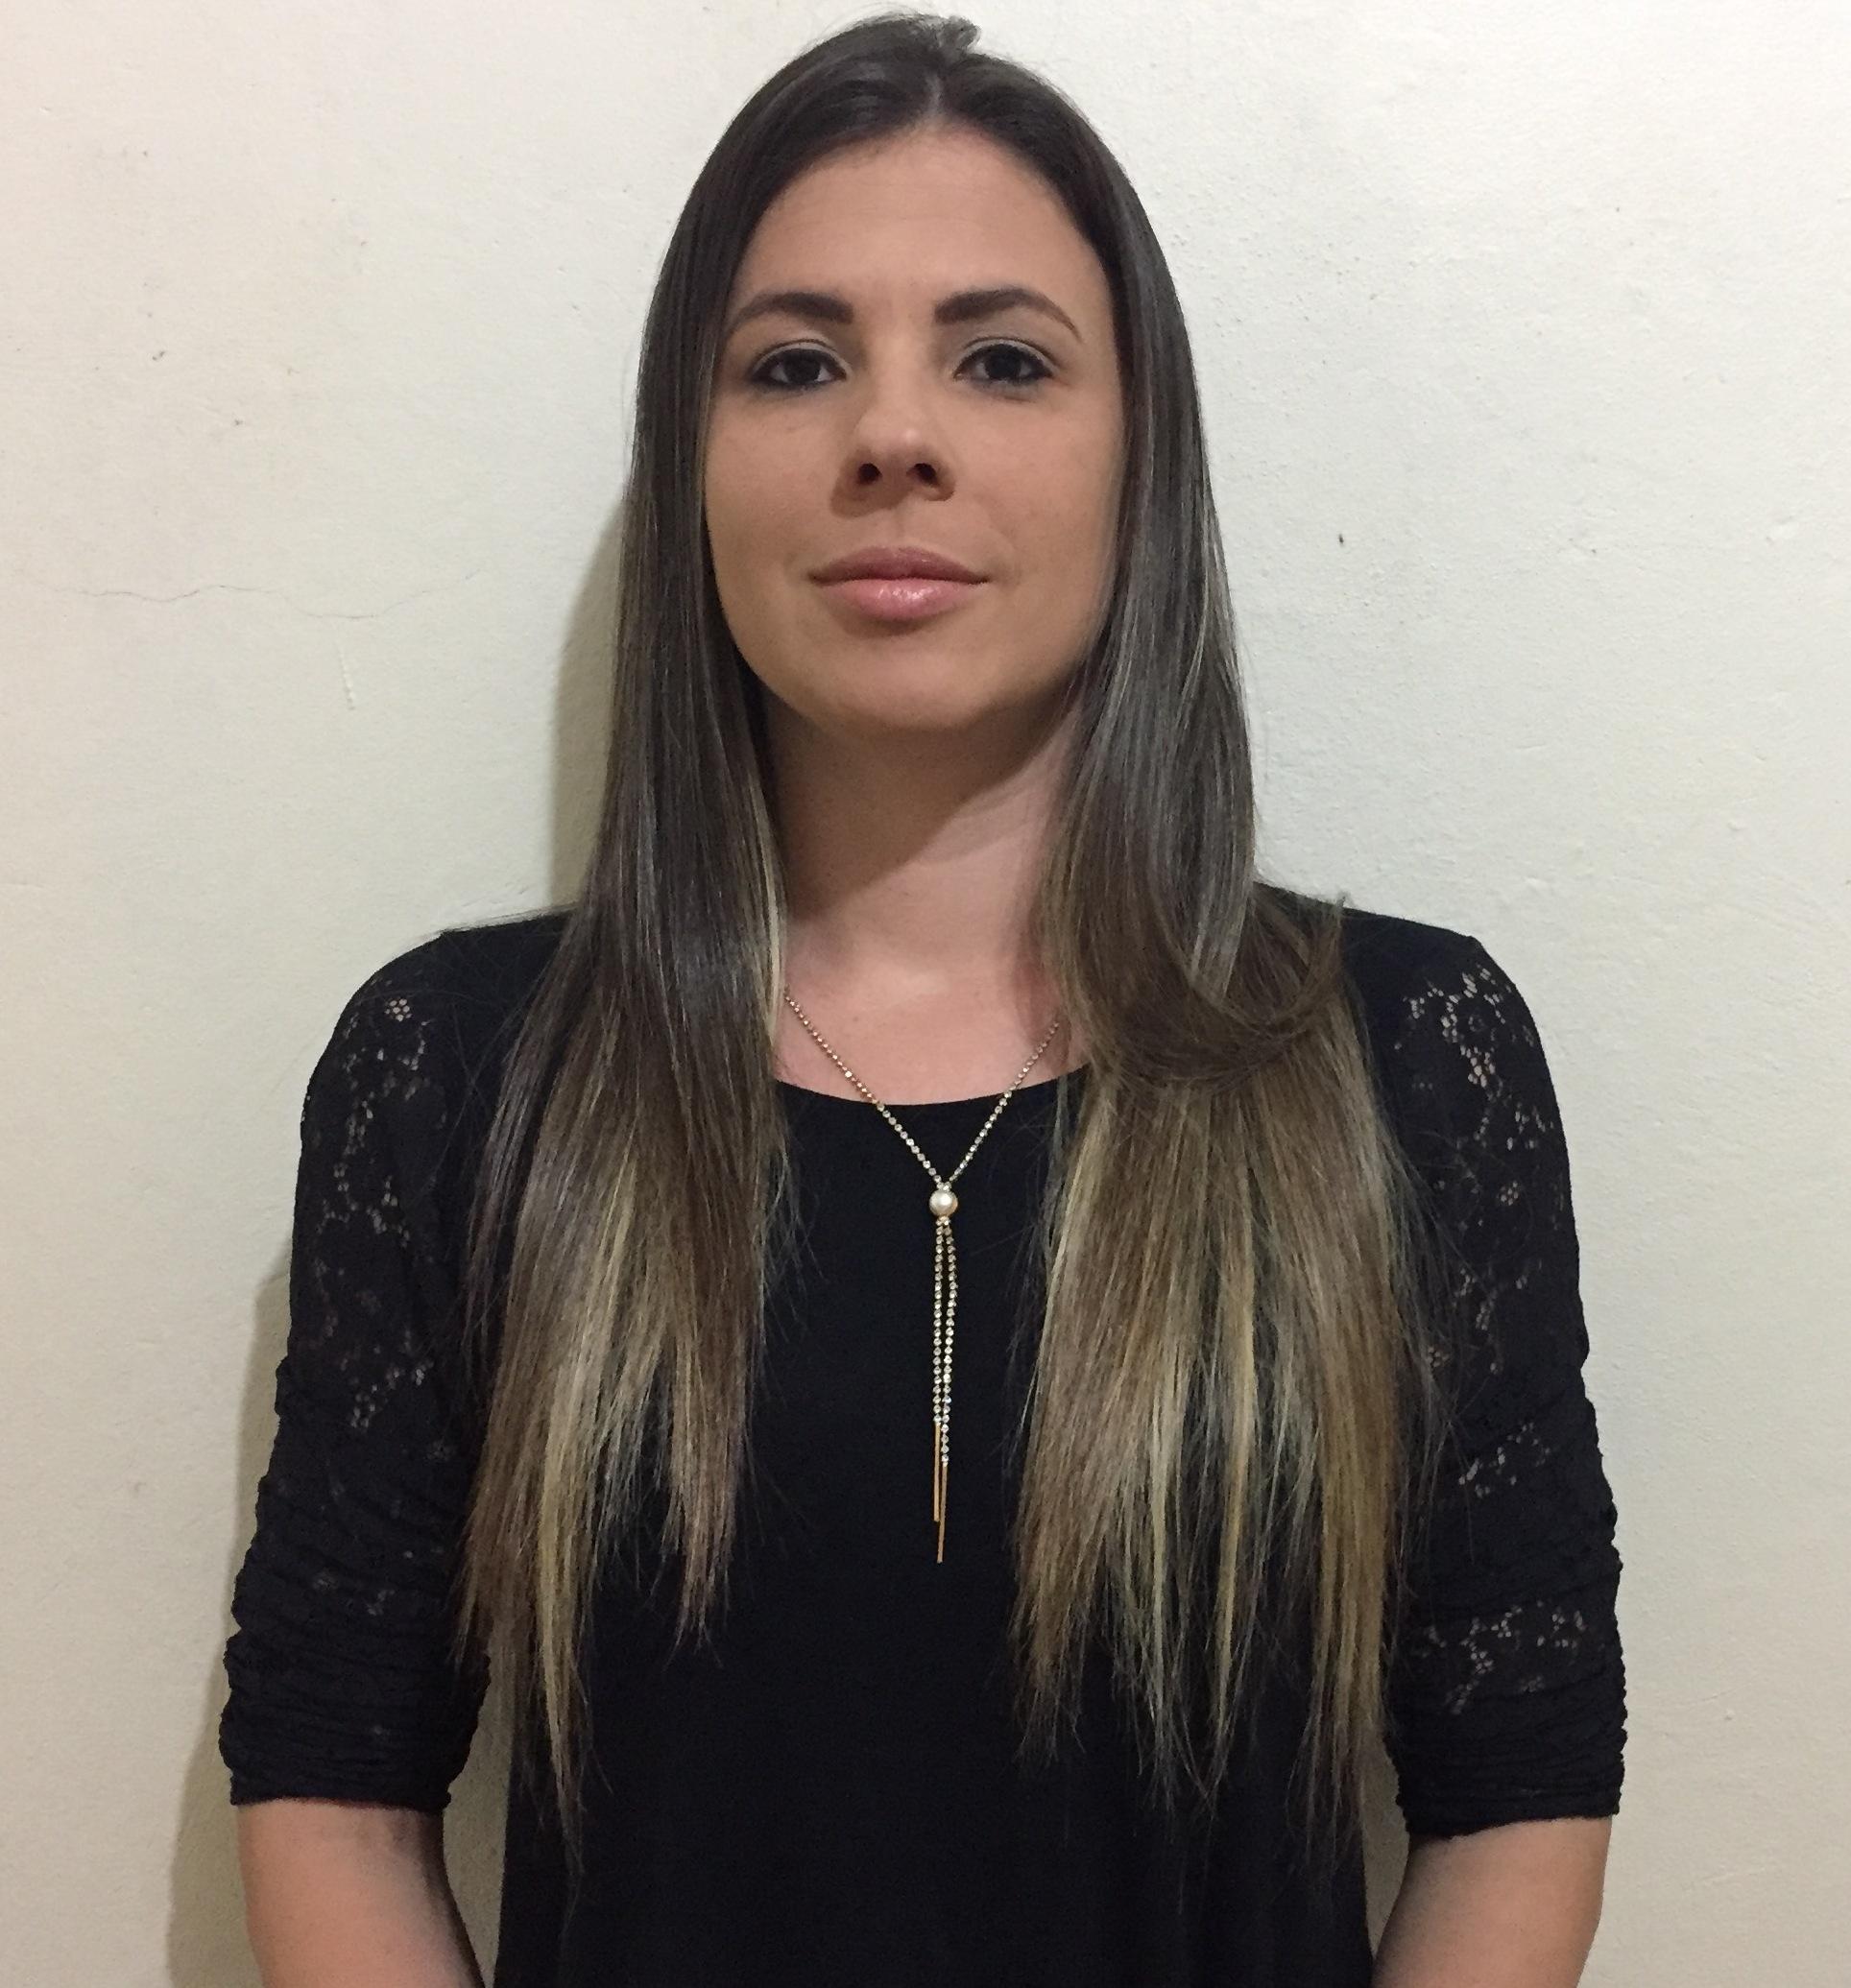 Alessandra Fedeski